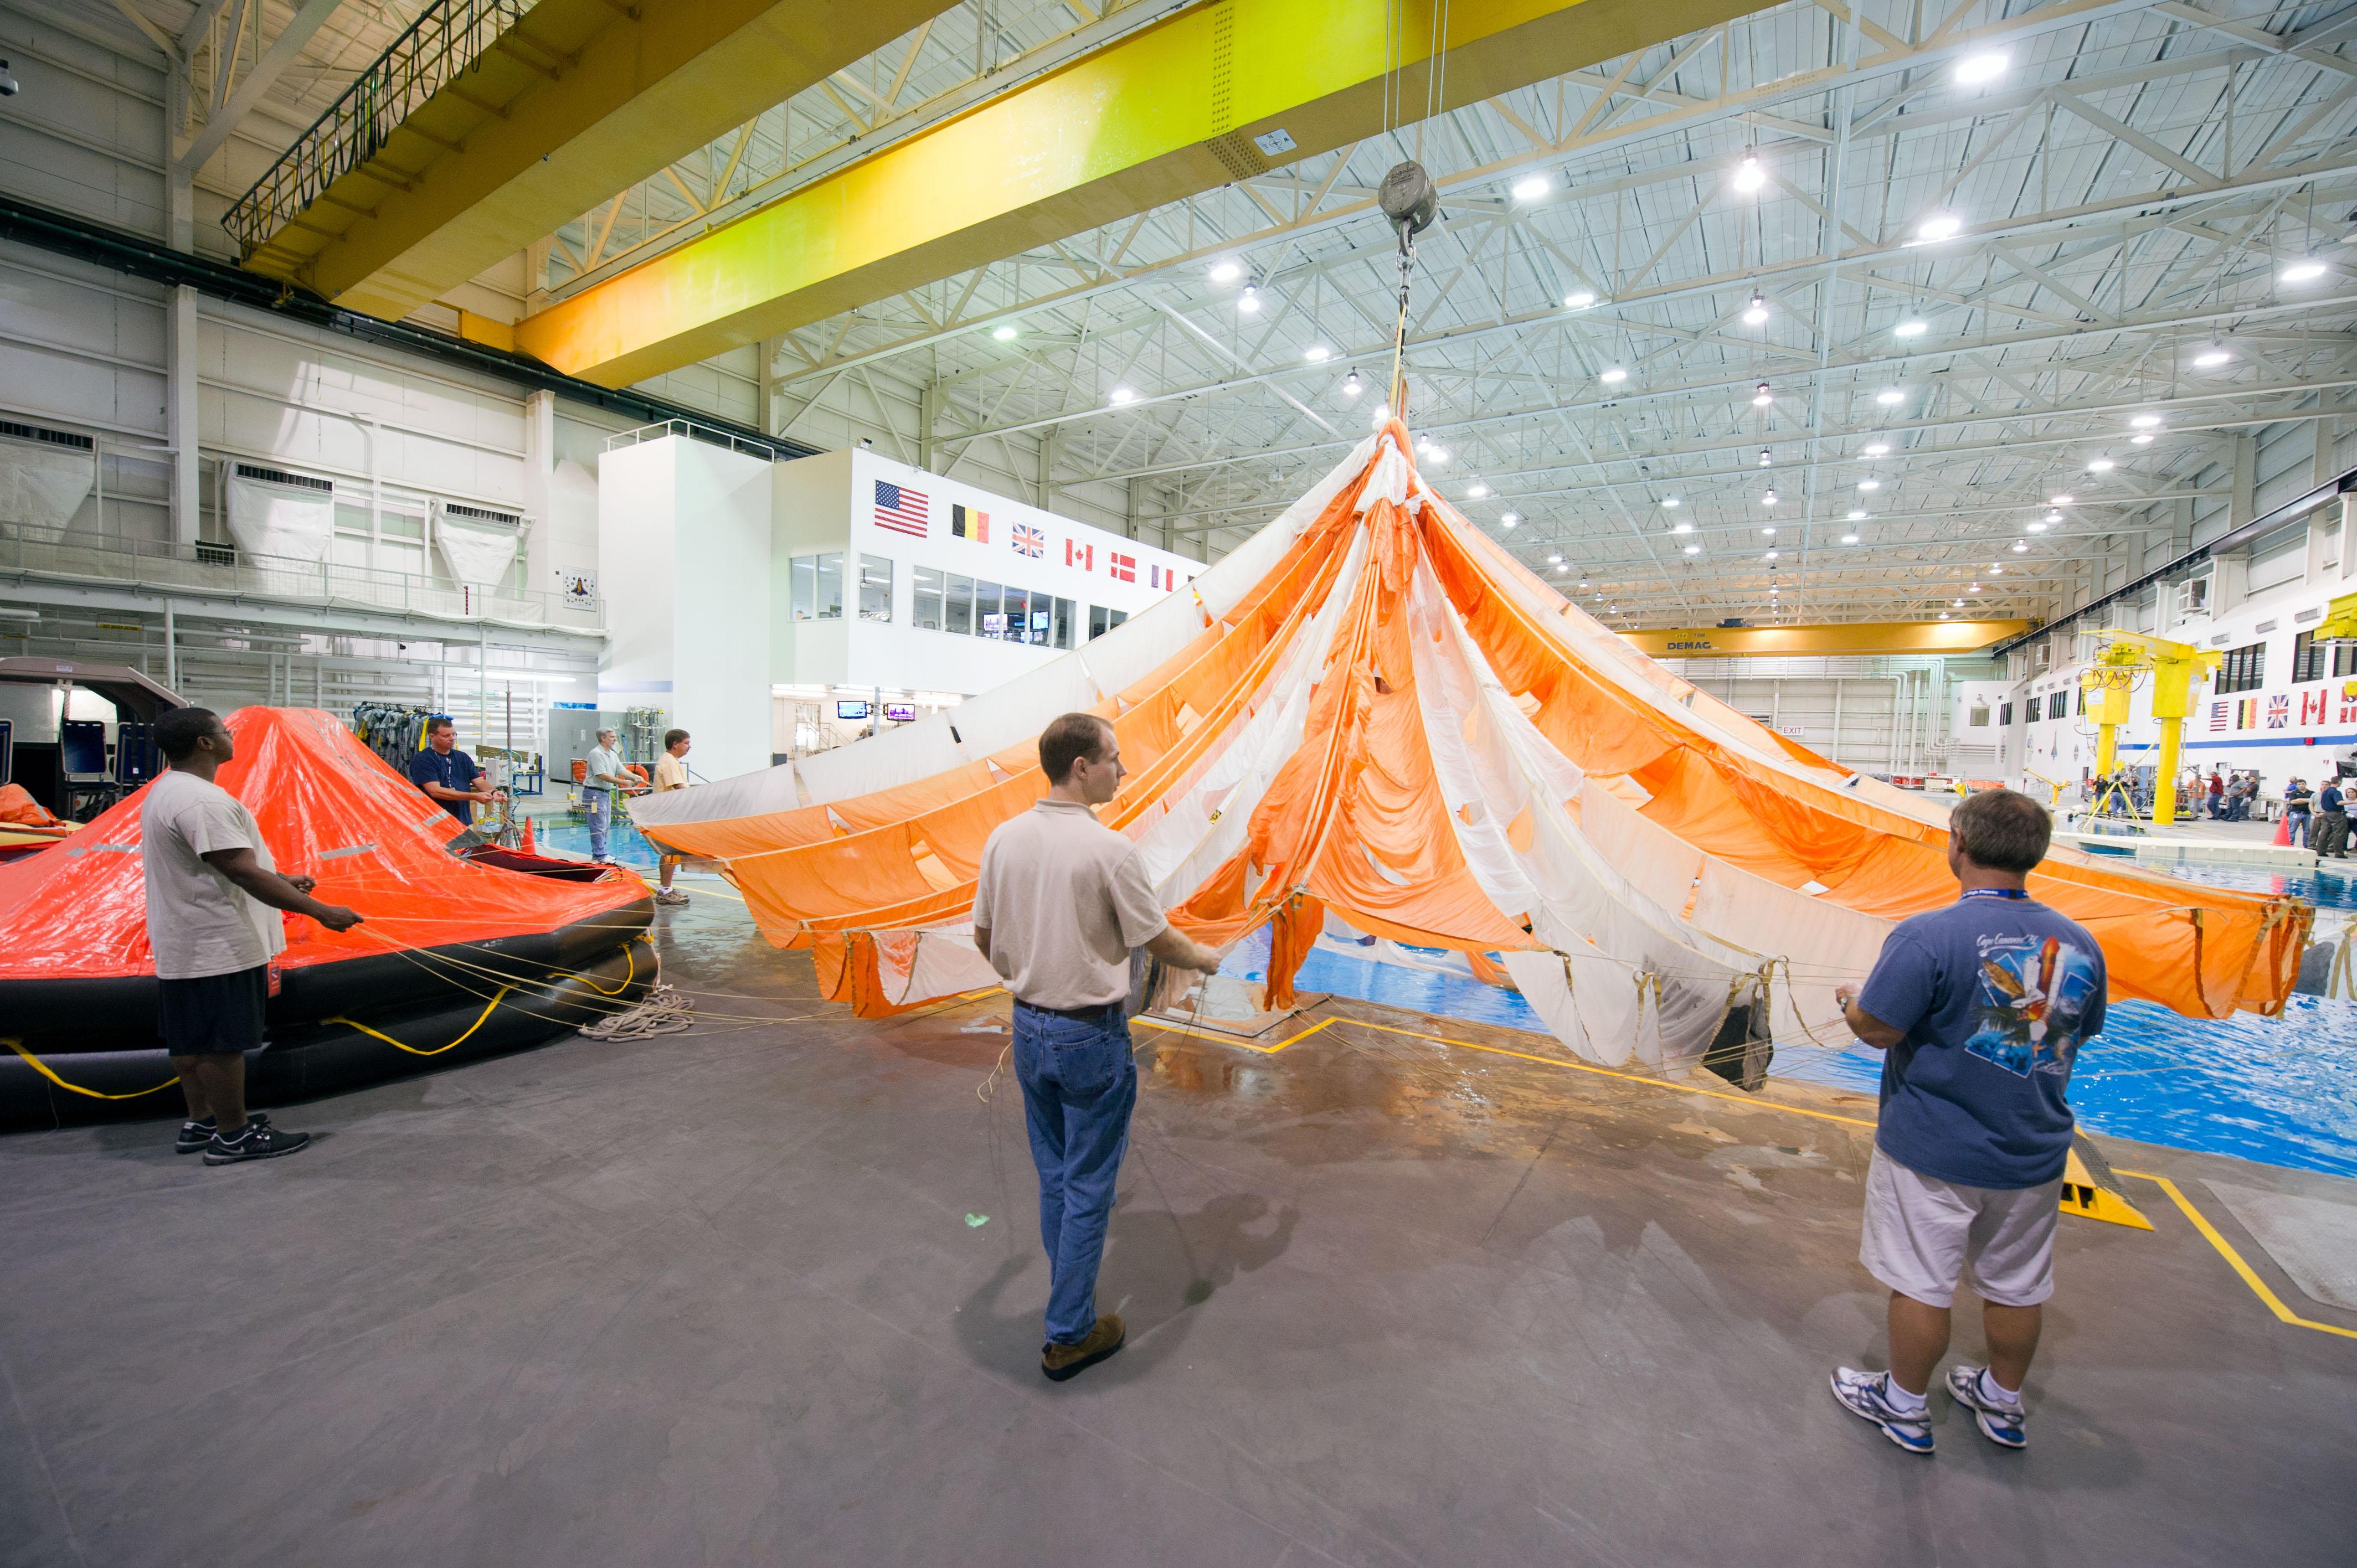 Nasa Orion Orion Parachute Recove...